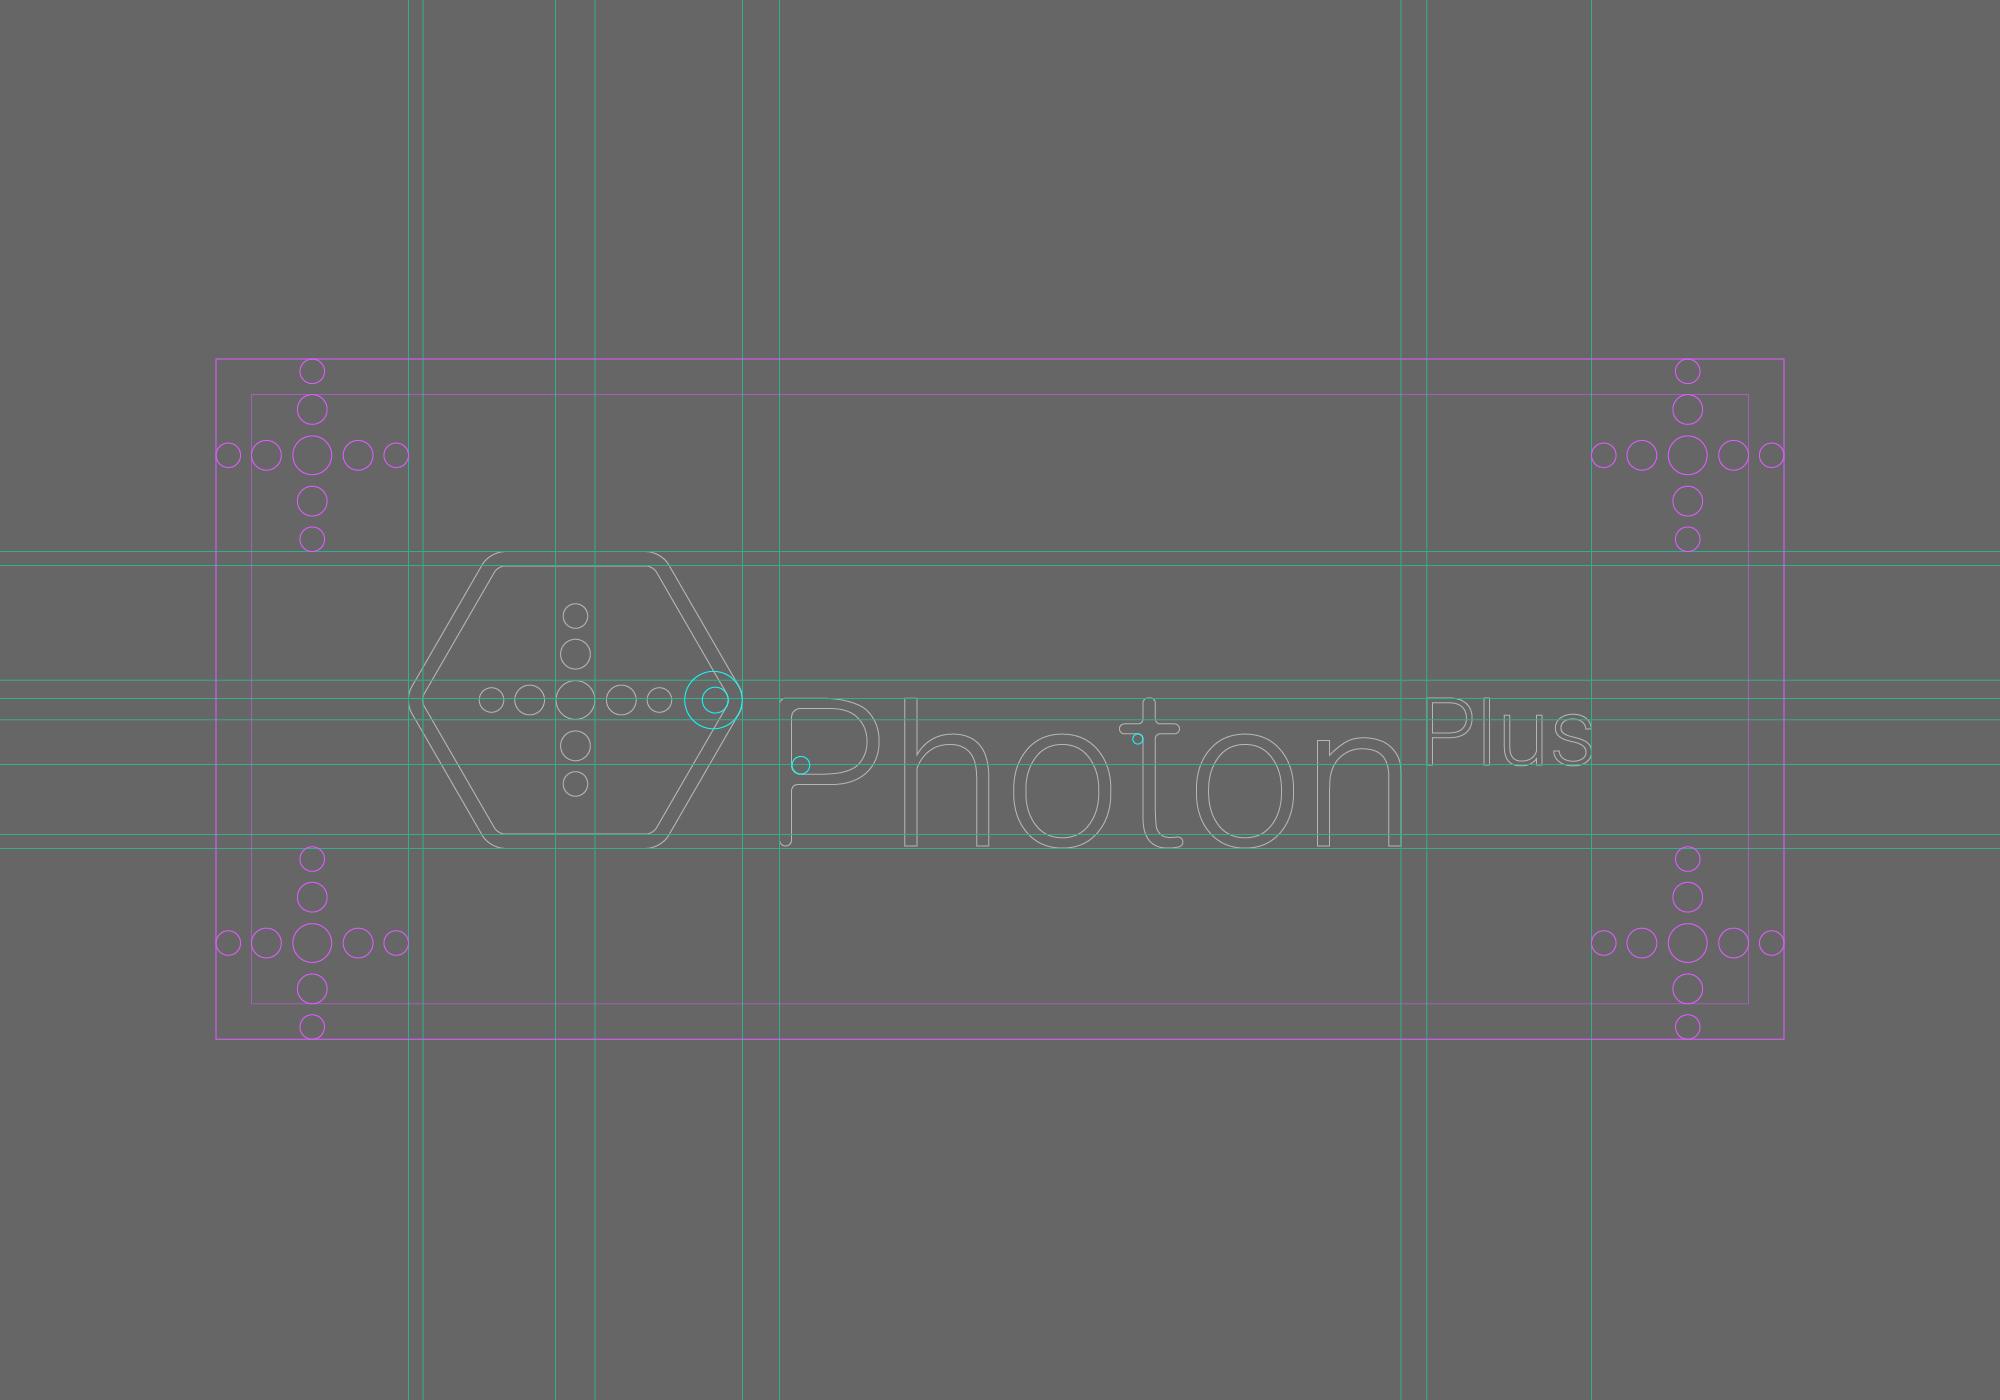 photonplus-02